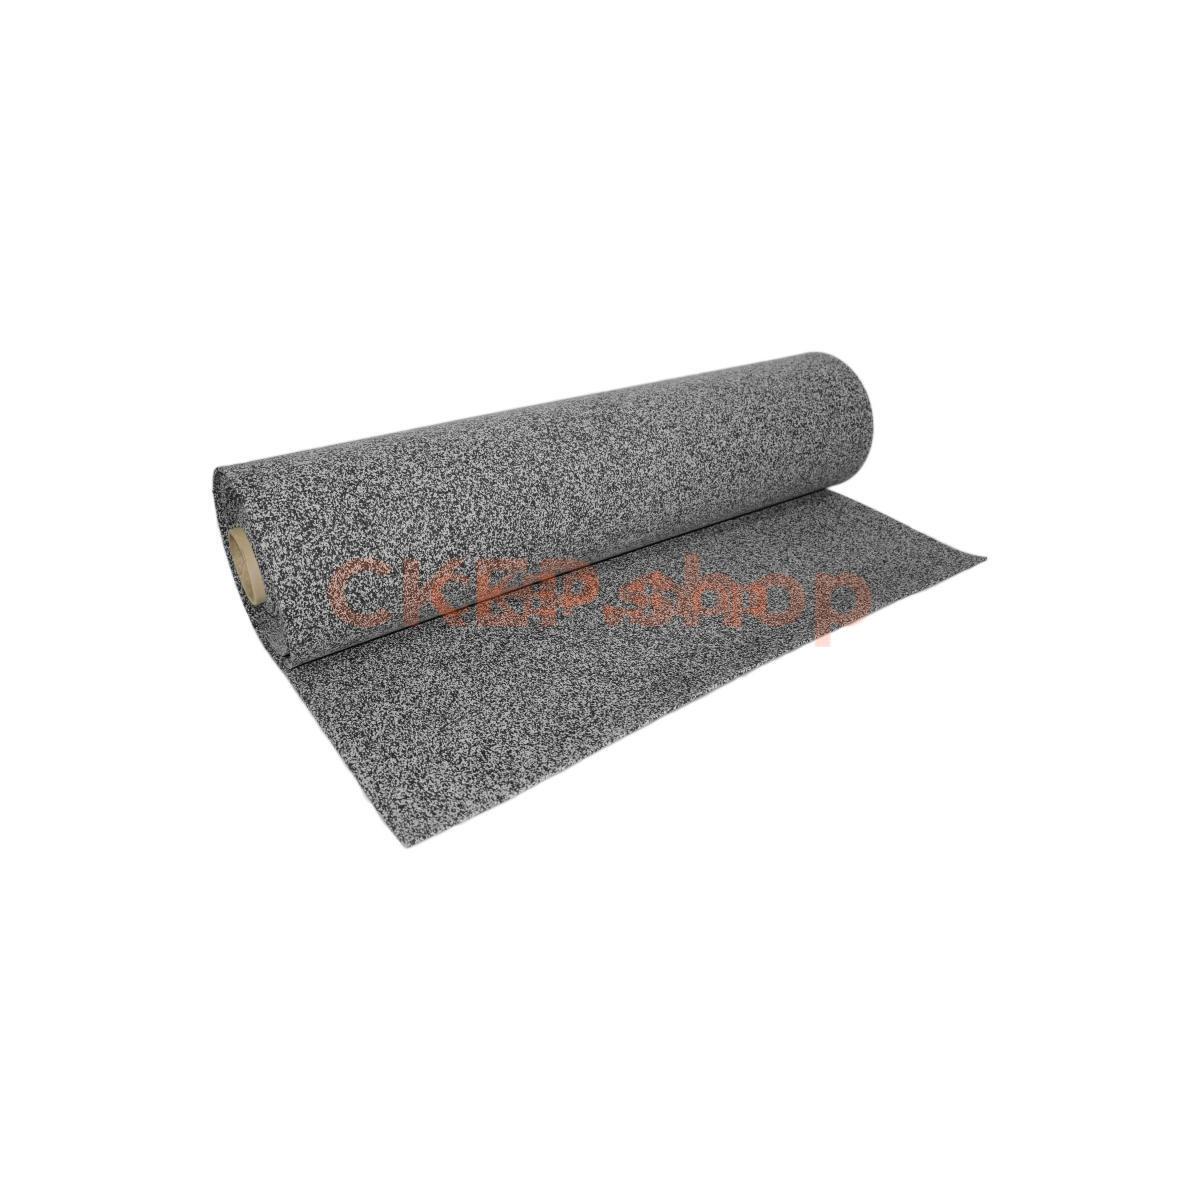 Покрытие резиновое рулонное EPDM 50%, 6 мм, серый